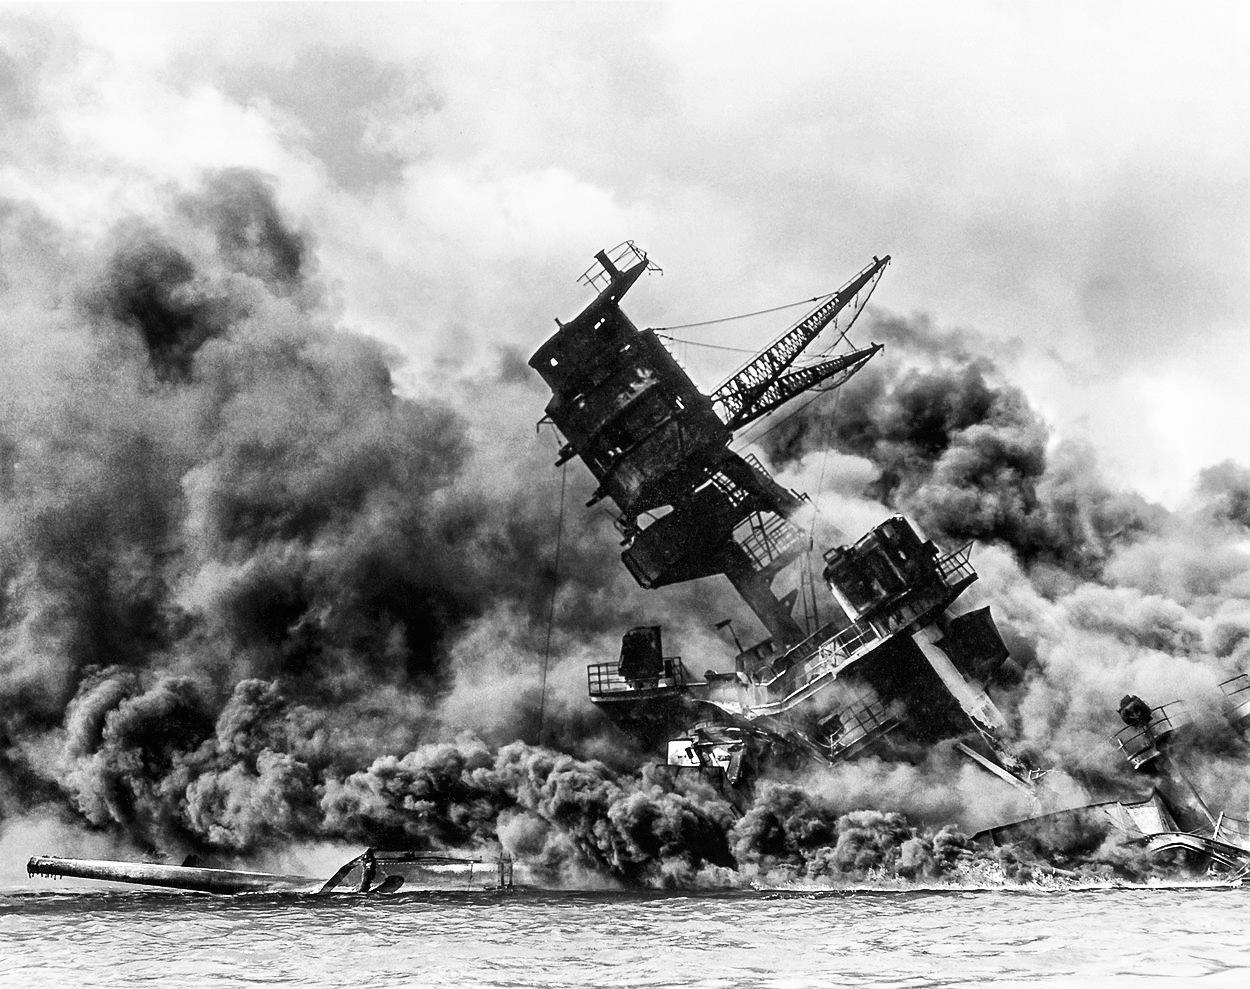 Historický okamžik: Projeví Japonsko lítost nad útokem, který rozpoutal válku?